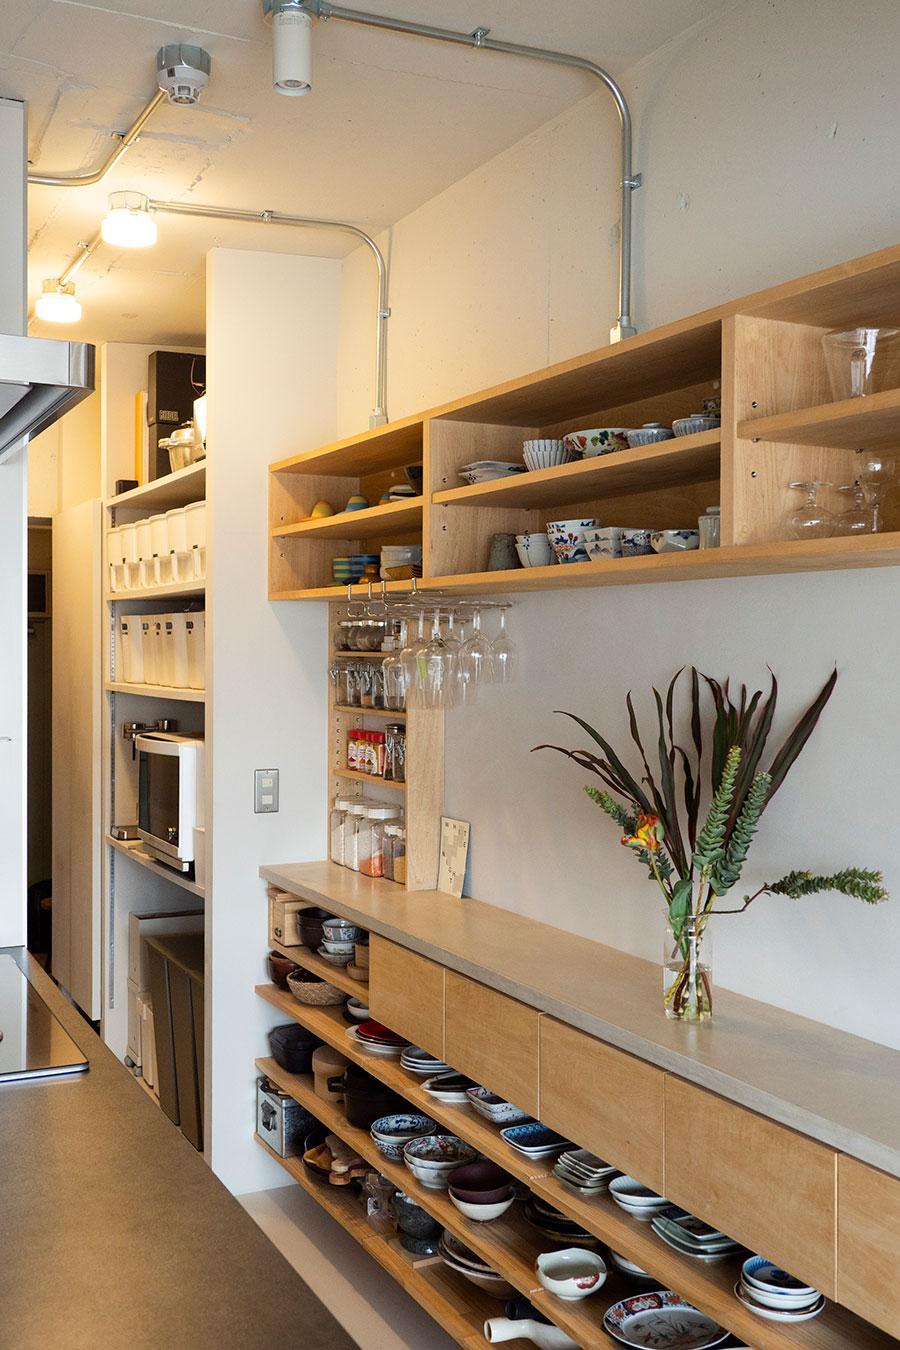 割烹料理屋を思わせる造作棚。なるべく食器を重ねなくていいよう、横長に設計してもらった。扉がないため食器の位置が見てわかるのが便利だそう。